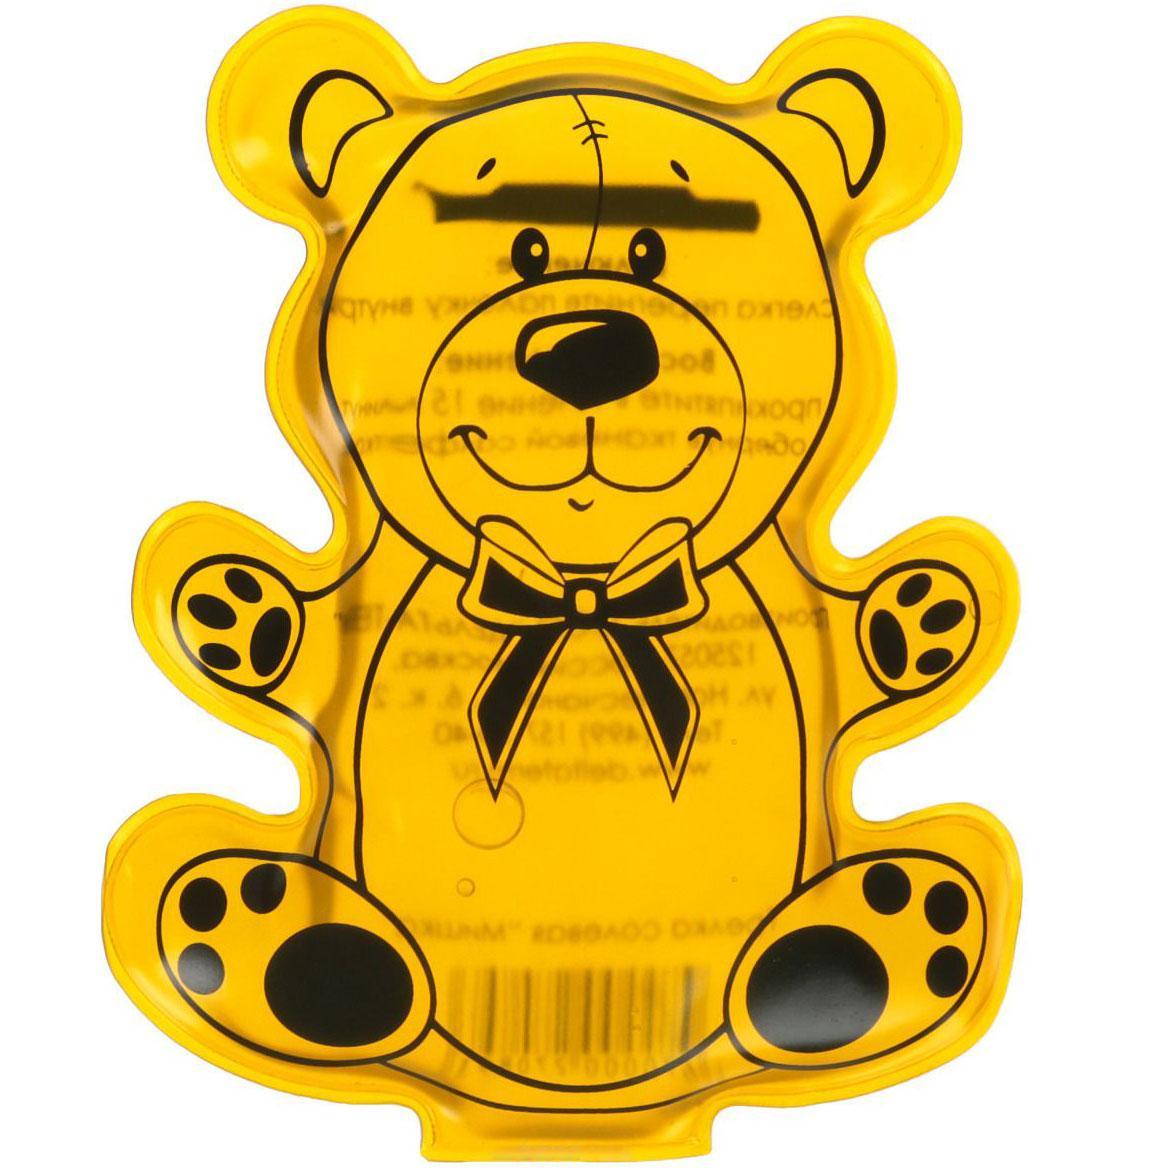 """Солевая грелка для детей """"Мишка"""" Желтый, многоразовая химическая грелка с солью (ST)"""